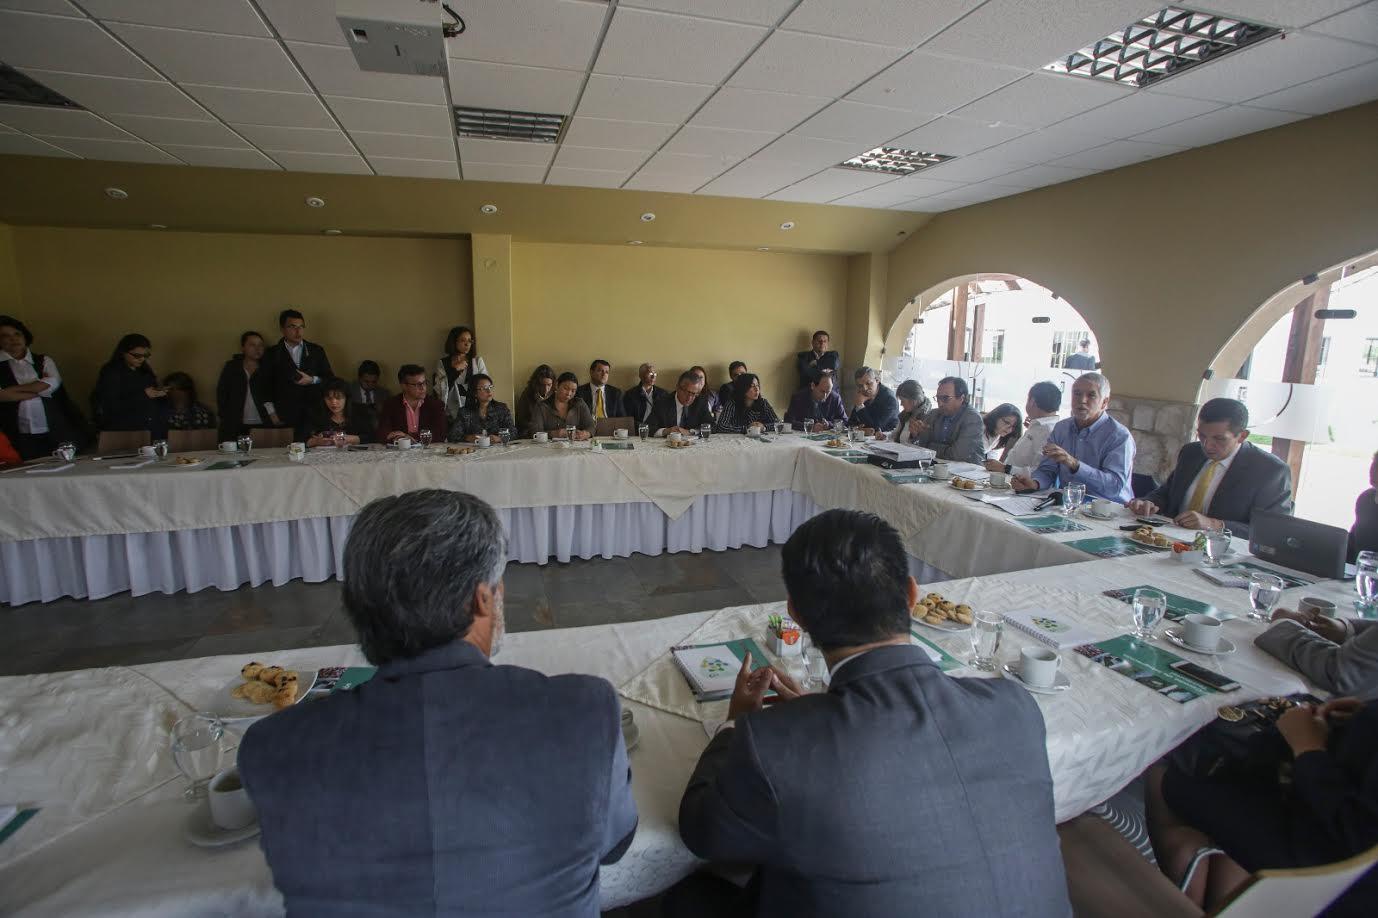 municipios-de-la-sabana-respaldan-proyectos-del-alcalde-penalosa2